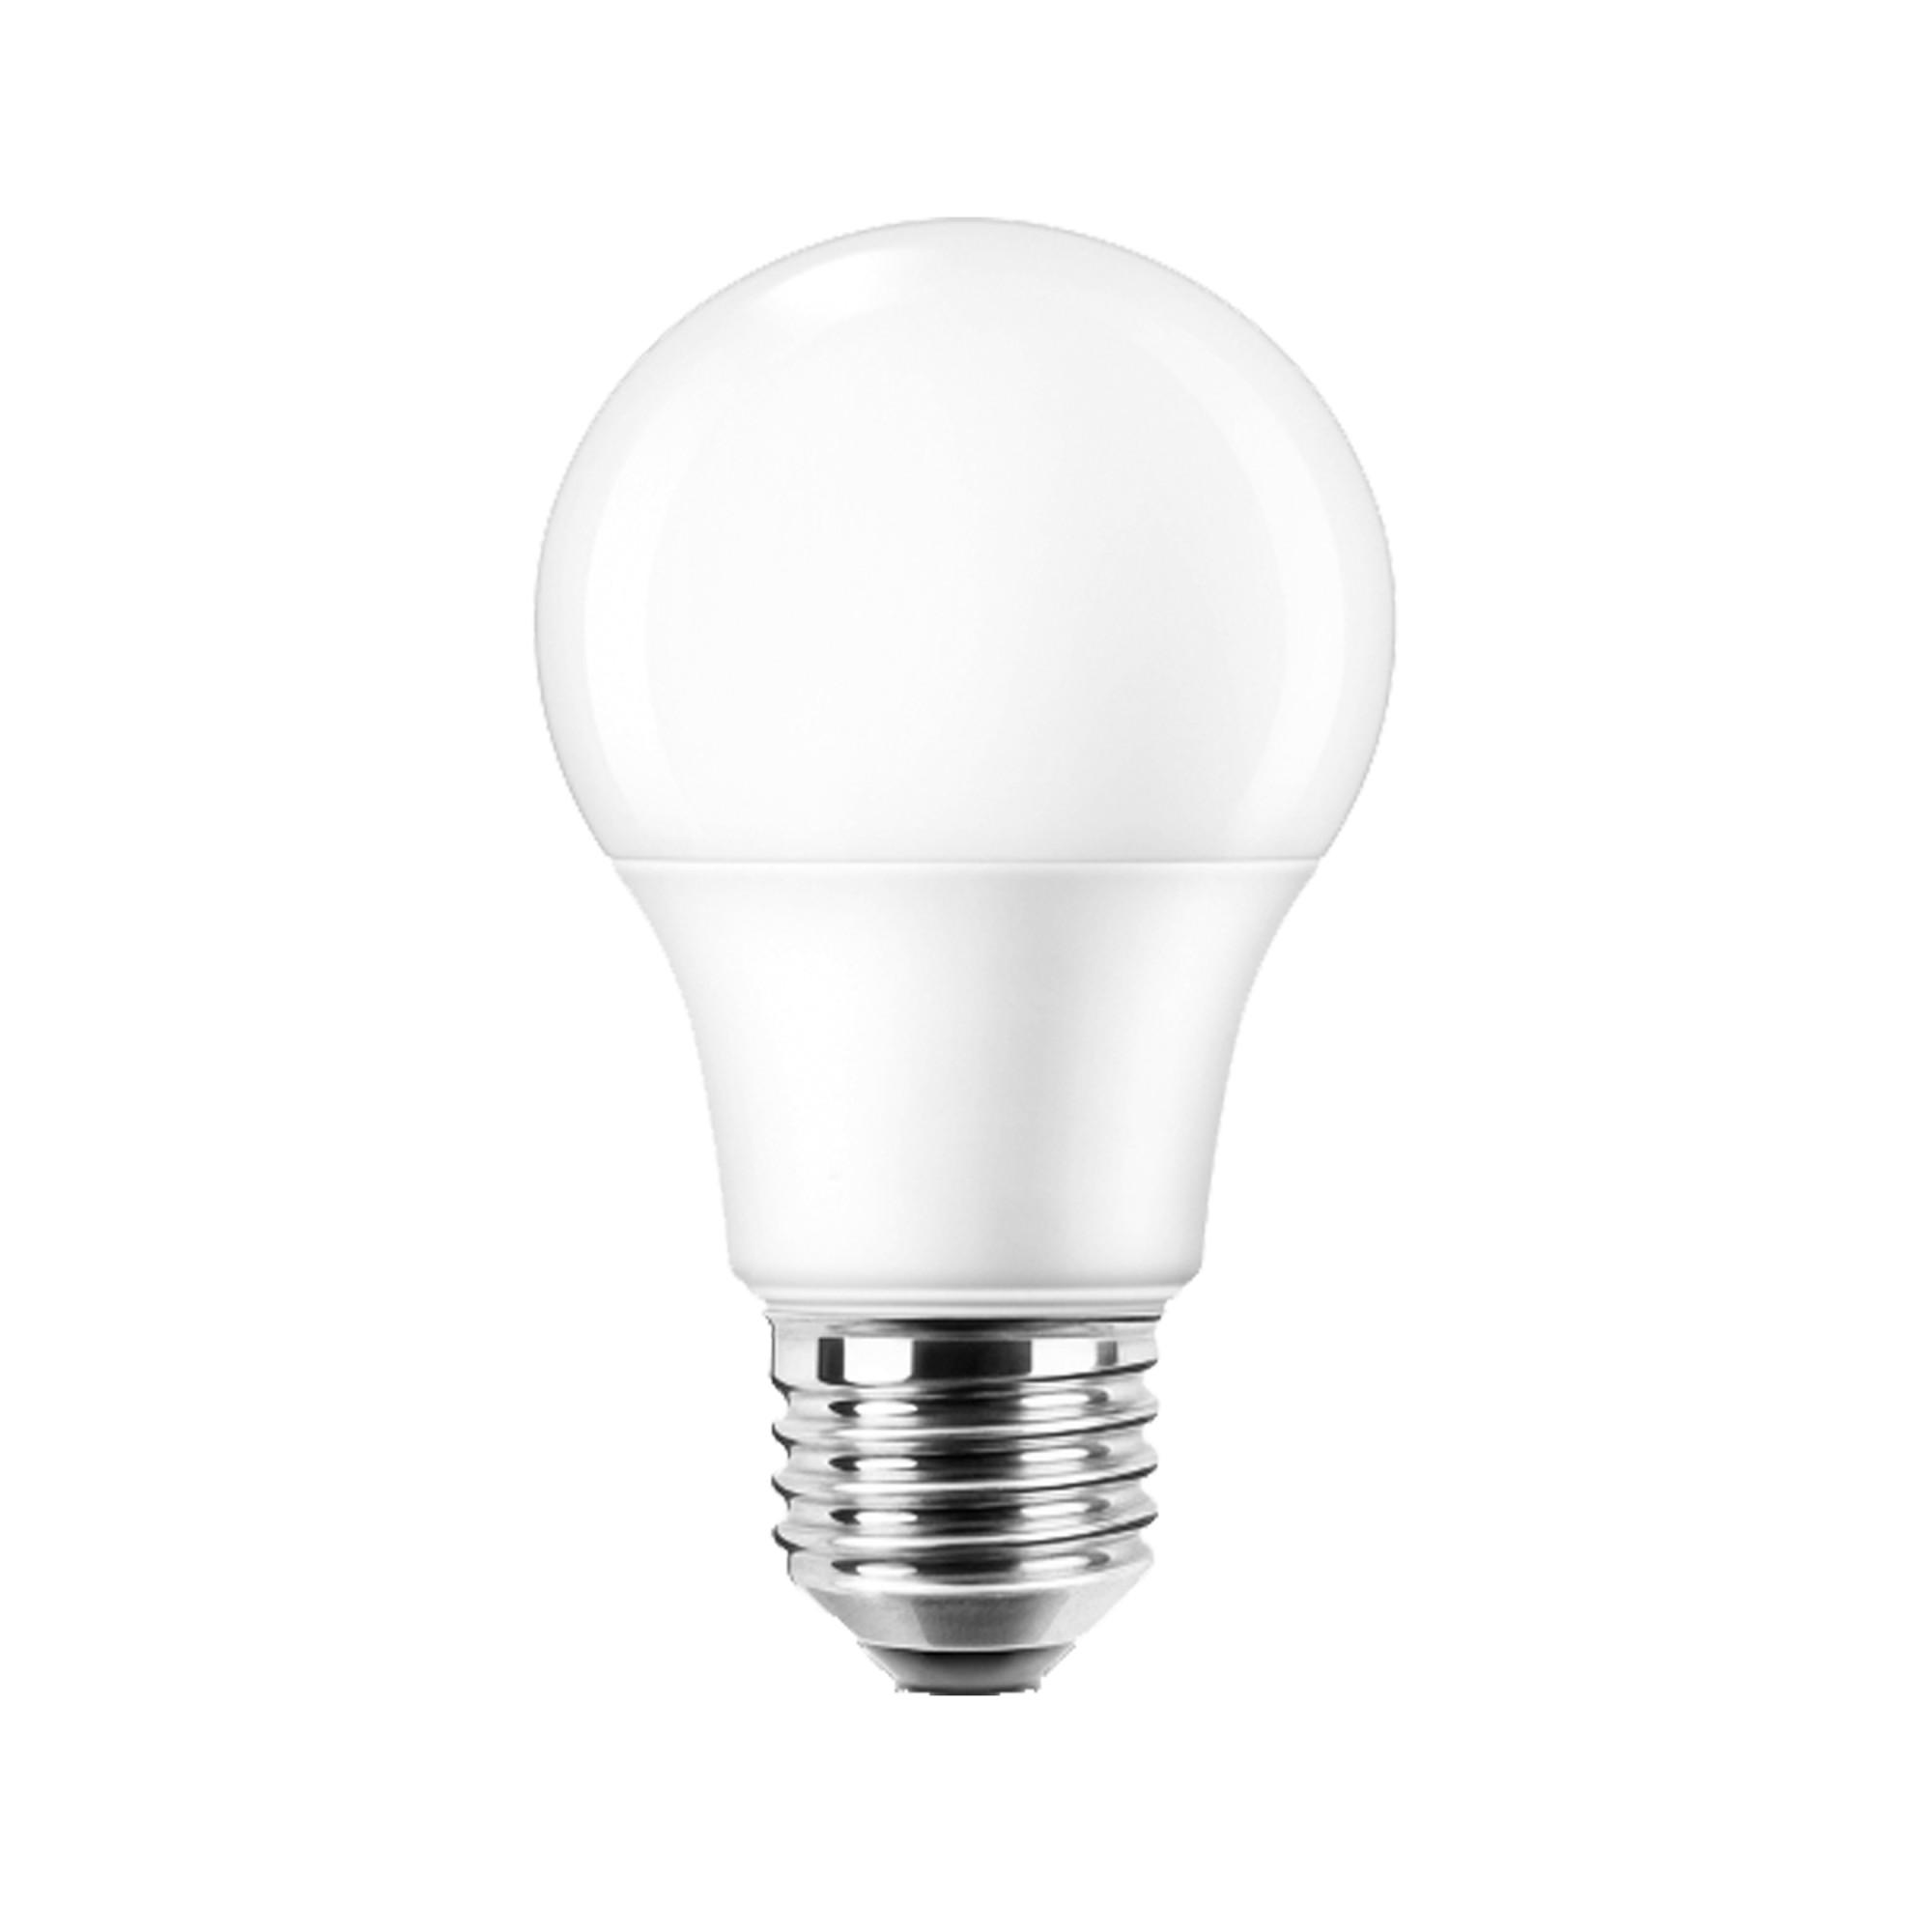 Лампа светодиодная Lexman E27 220 В 8.5 Вт груша матовая 806 лм тёплый белый свет